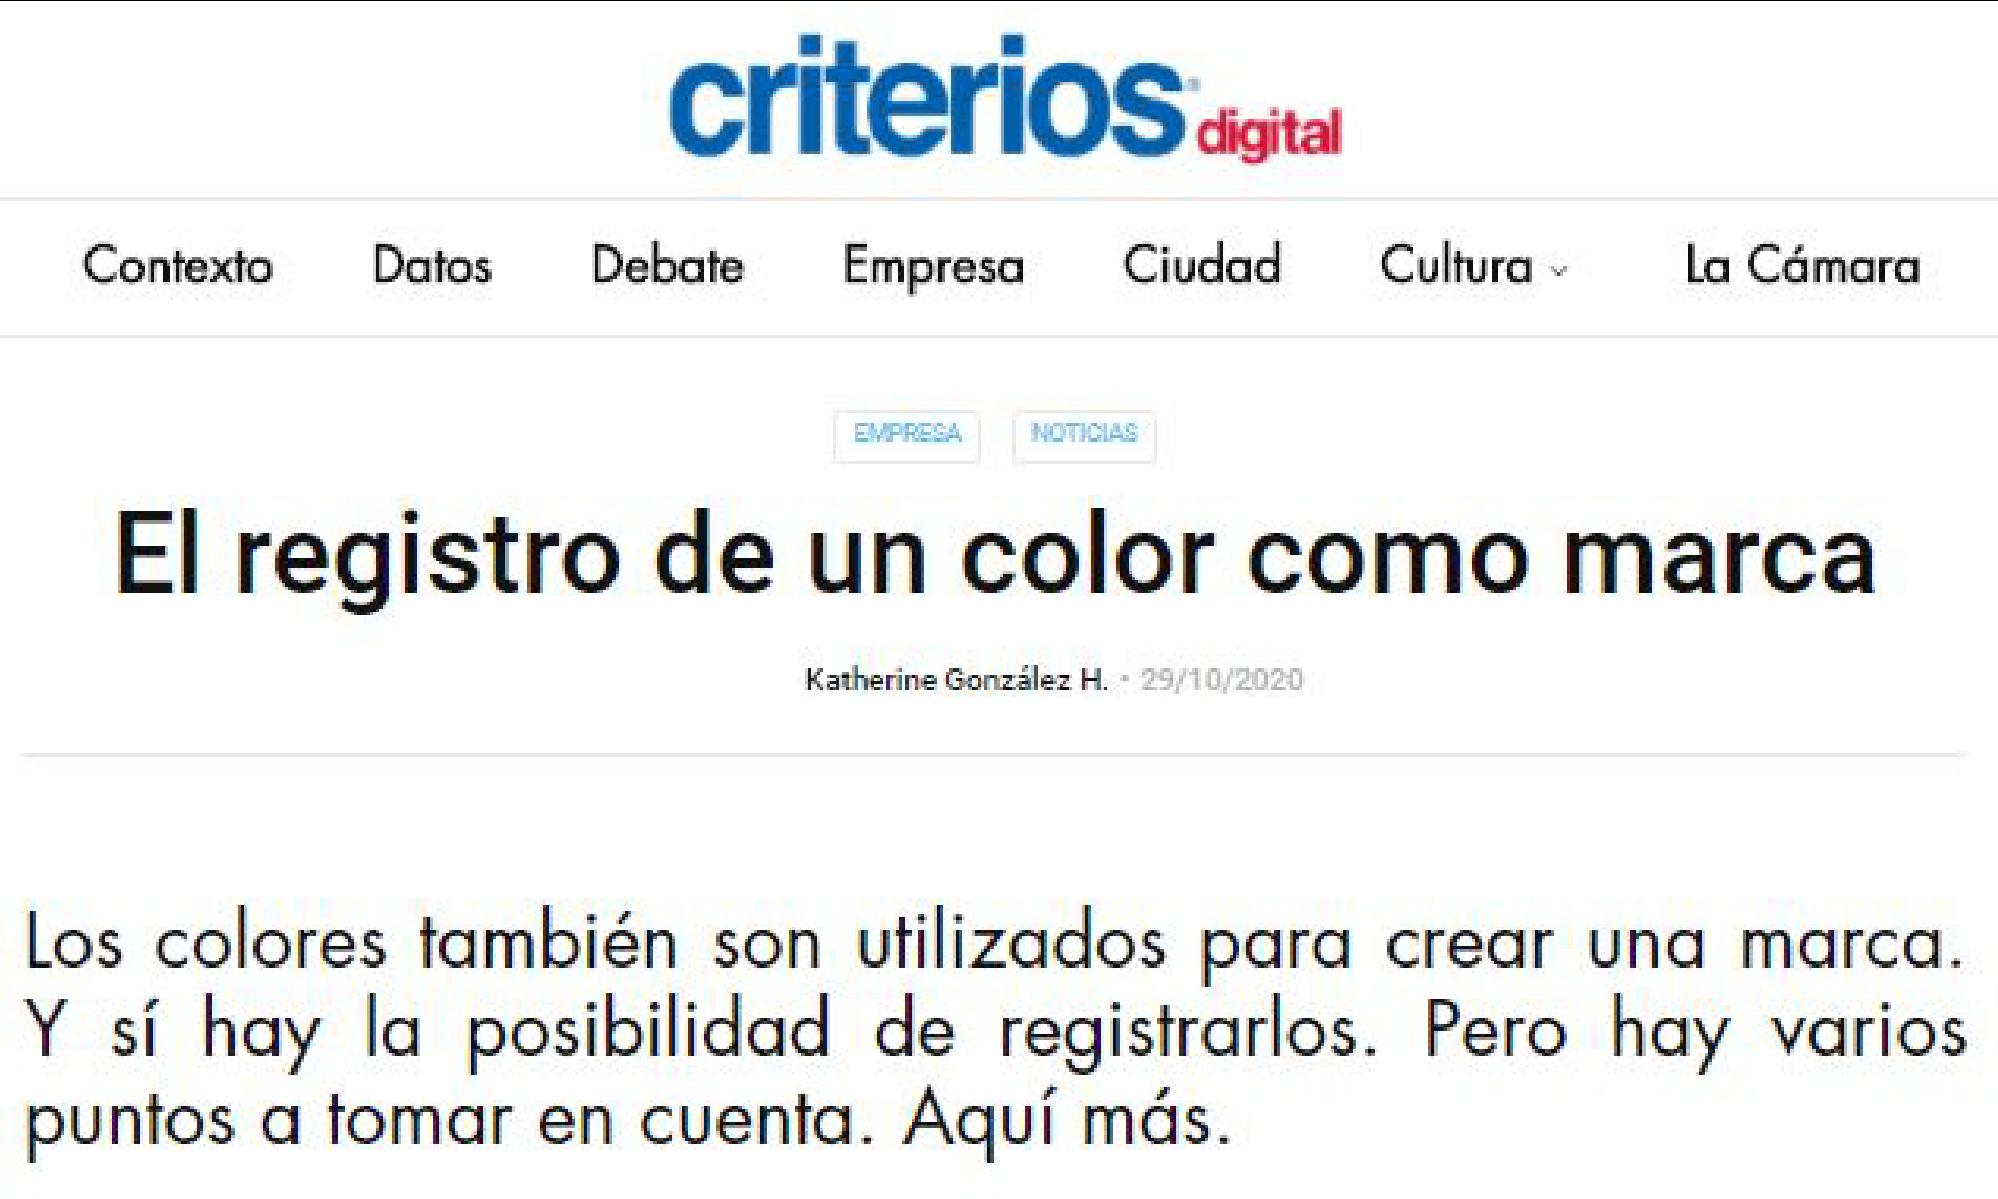 registro_color_como_marca_criterio_digital_abogados_ecuador